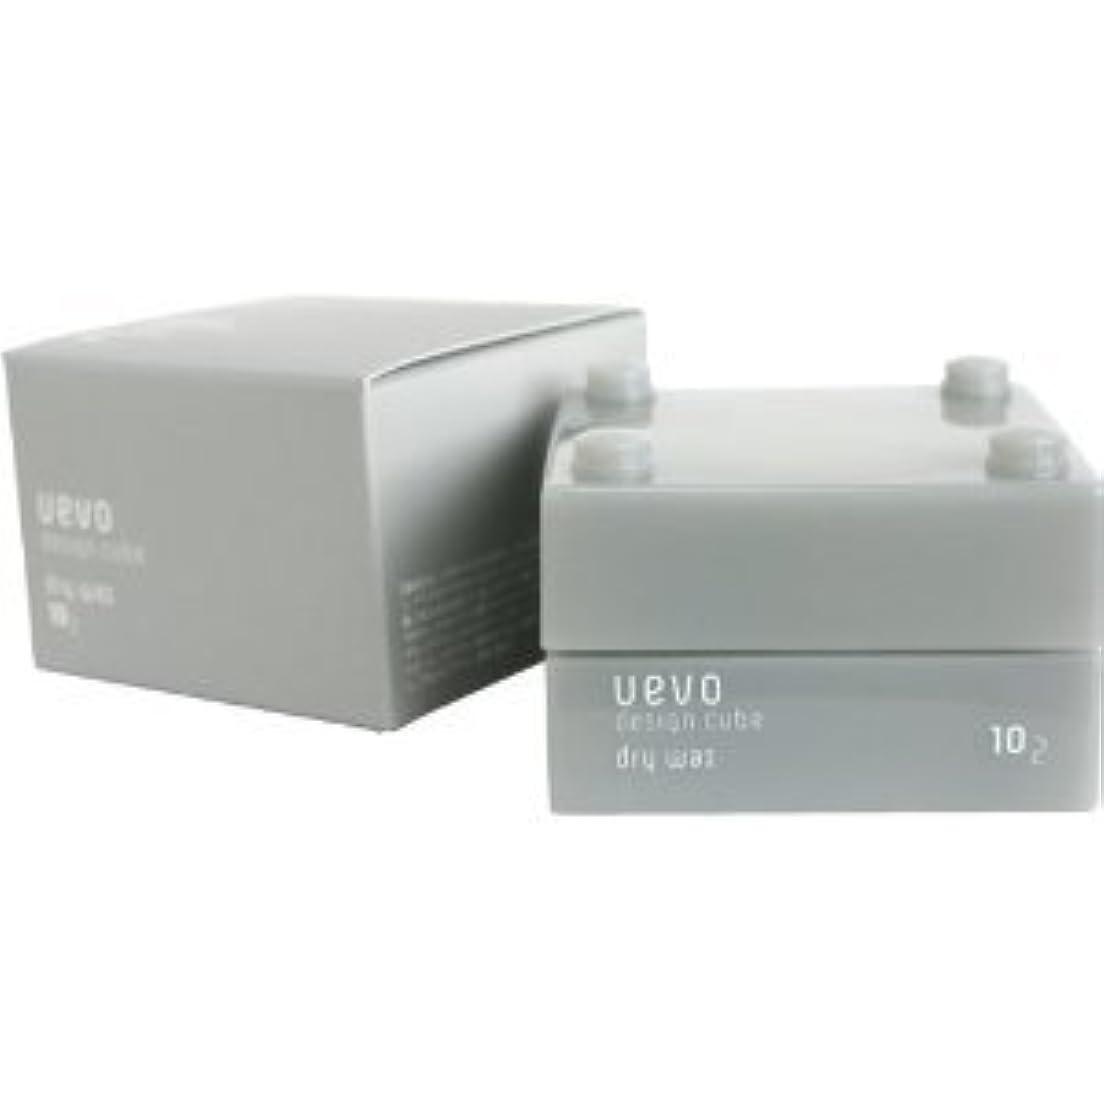 チャーター提供隣接する【X2個セット】 デミ ウェーボ デザインキューブ ドライワックス 30g dry wax DEMI uevo design cube